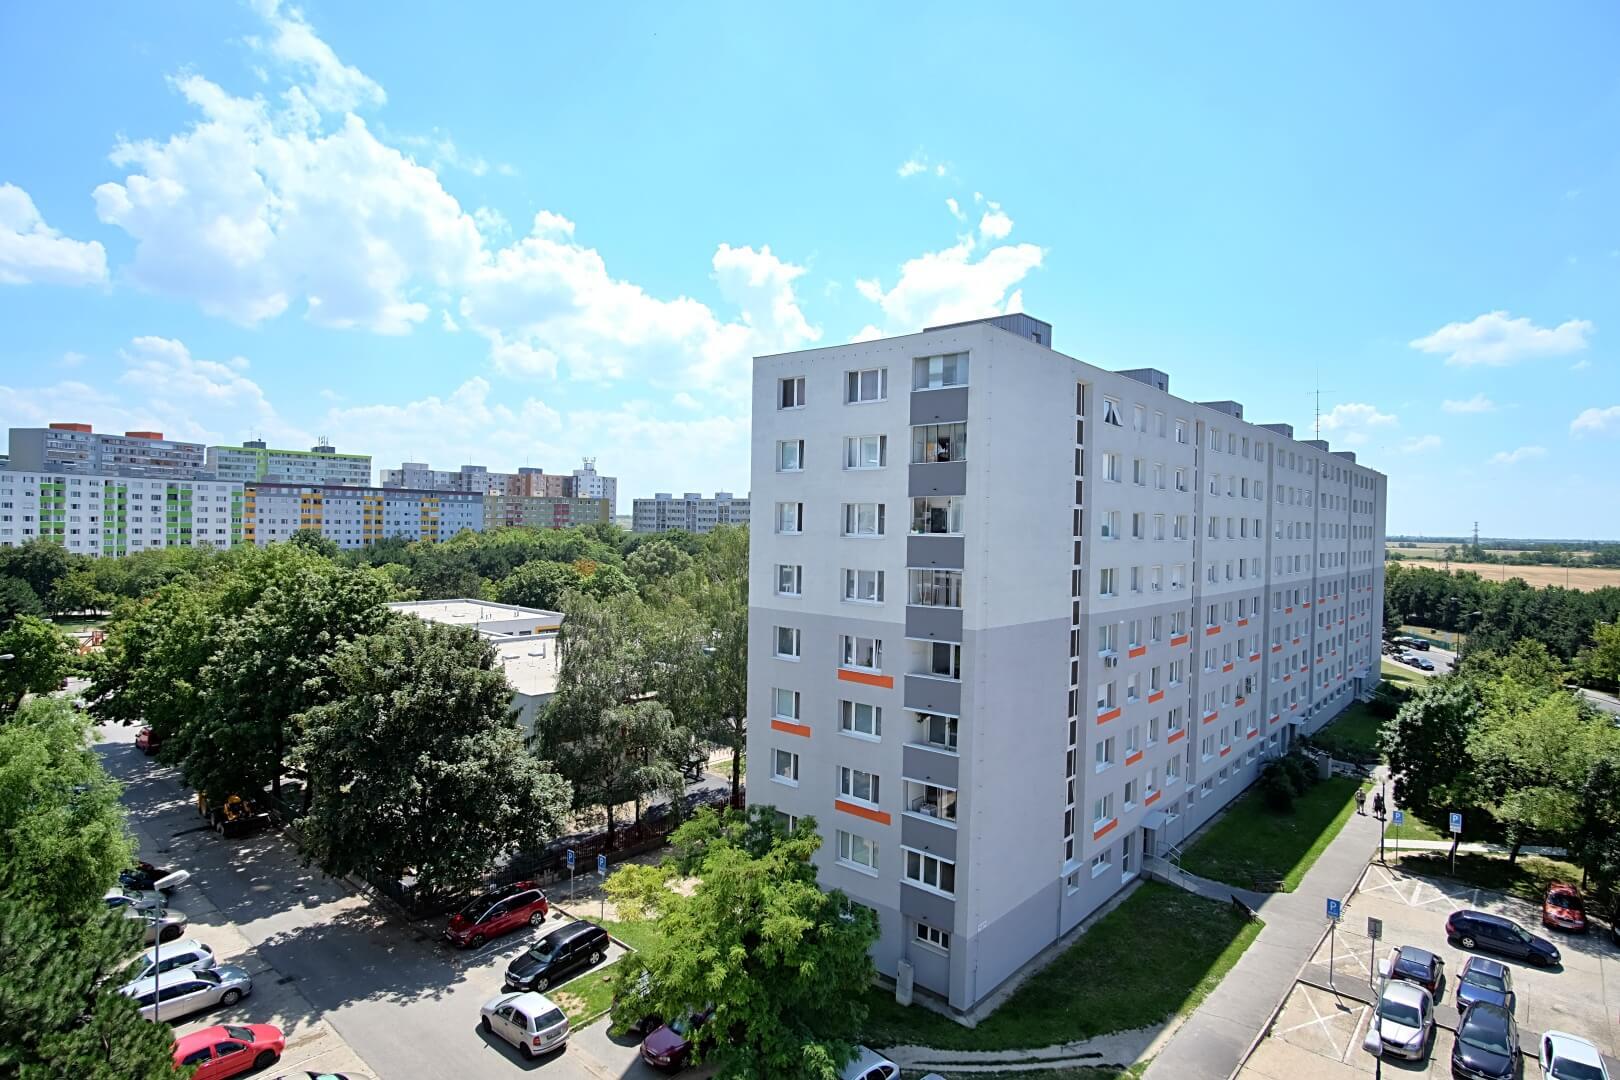 PREDANÉ – Na predaj príjemný 4 izbový byt v lokalite plnej zelene na Vyšehradskej ulici Bratislava- Petržalka.-5